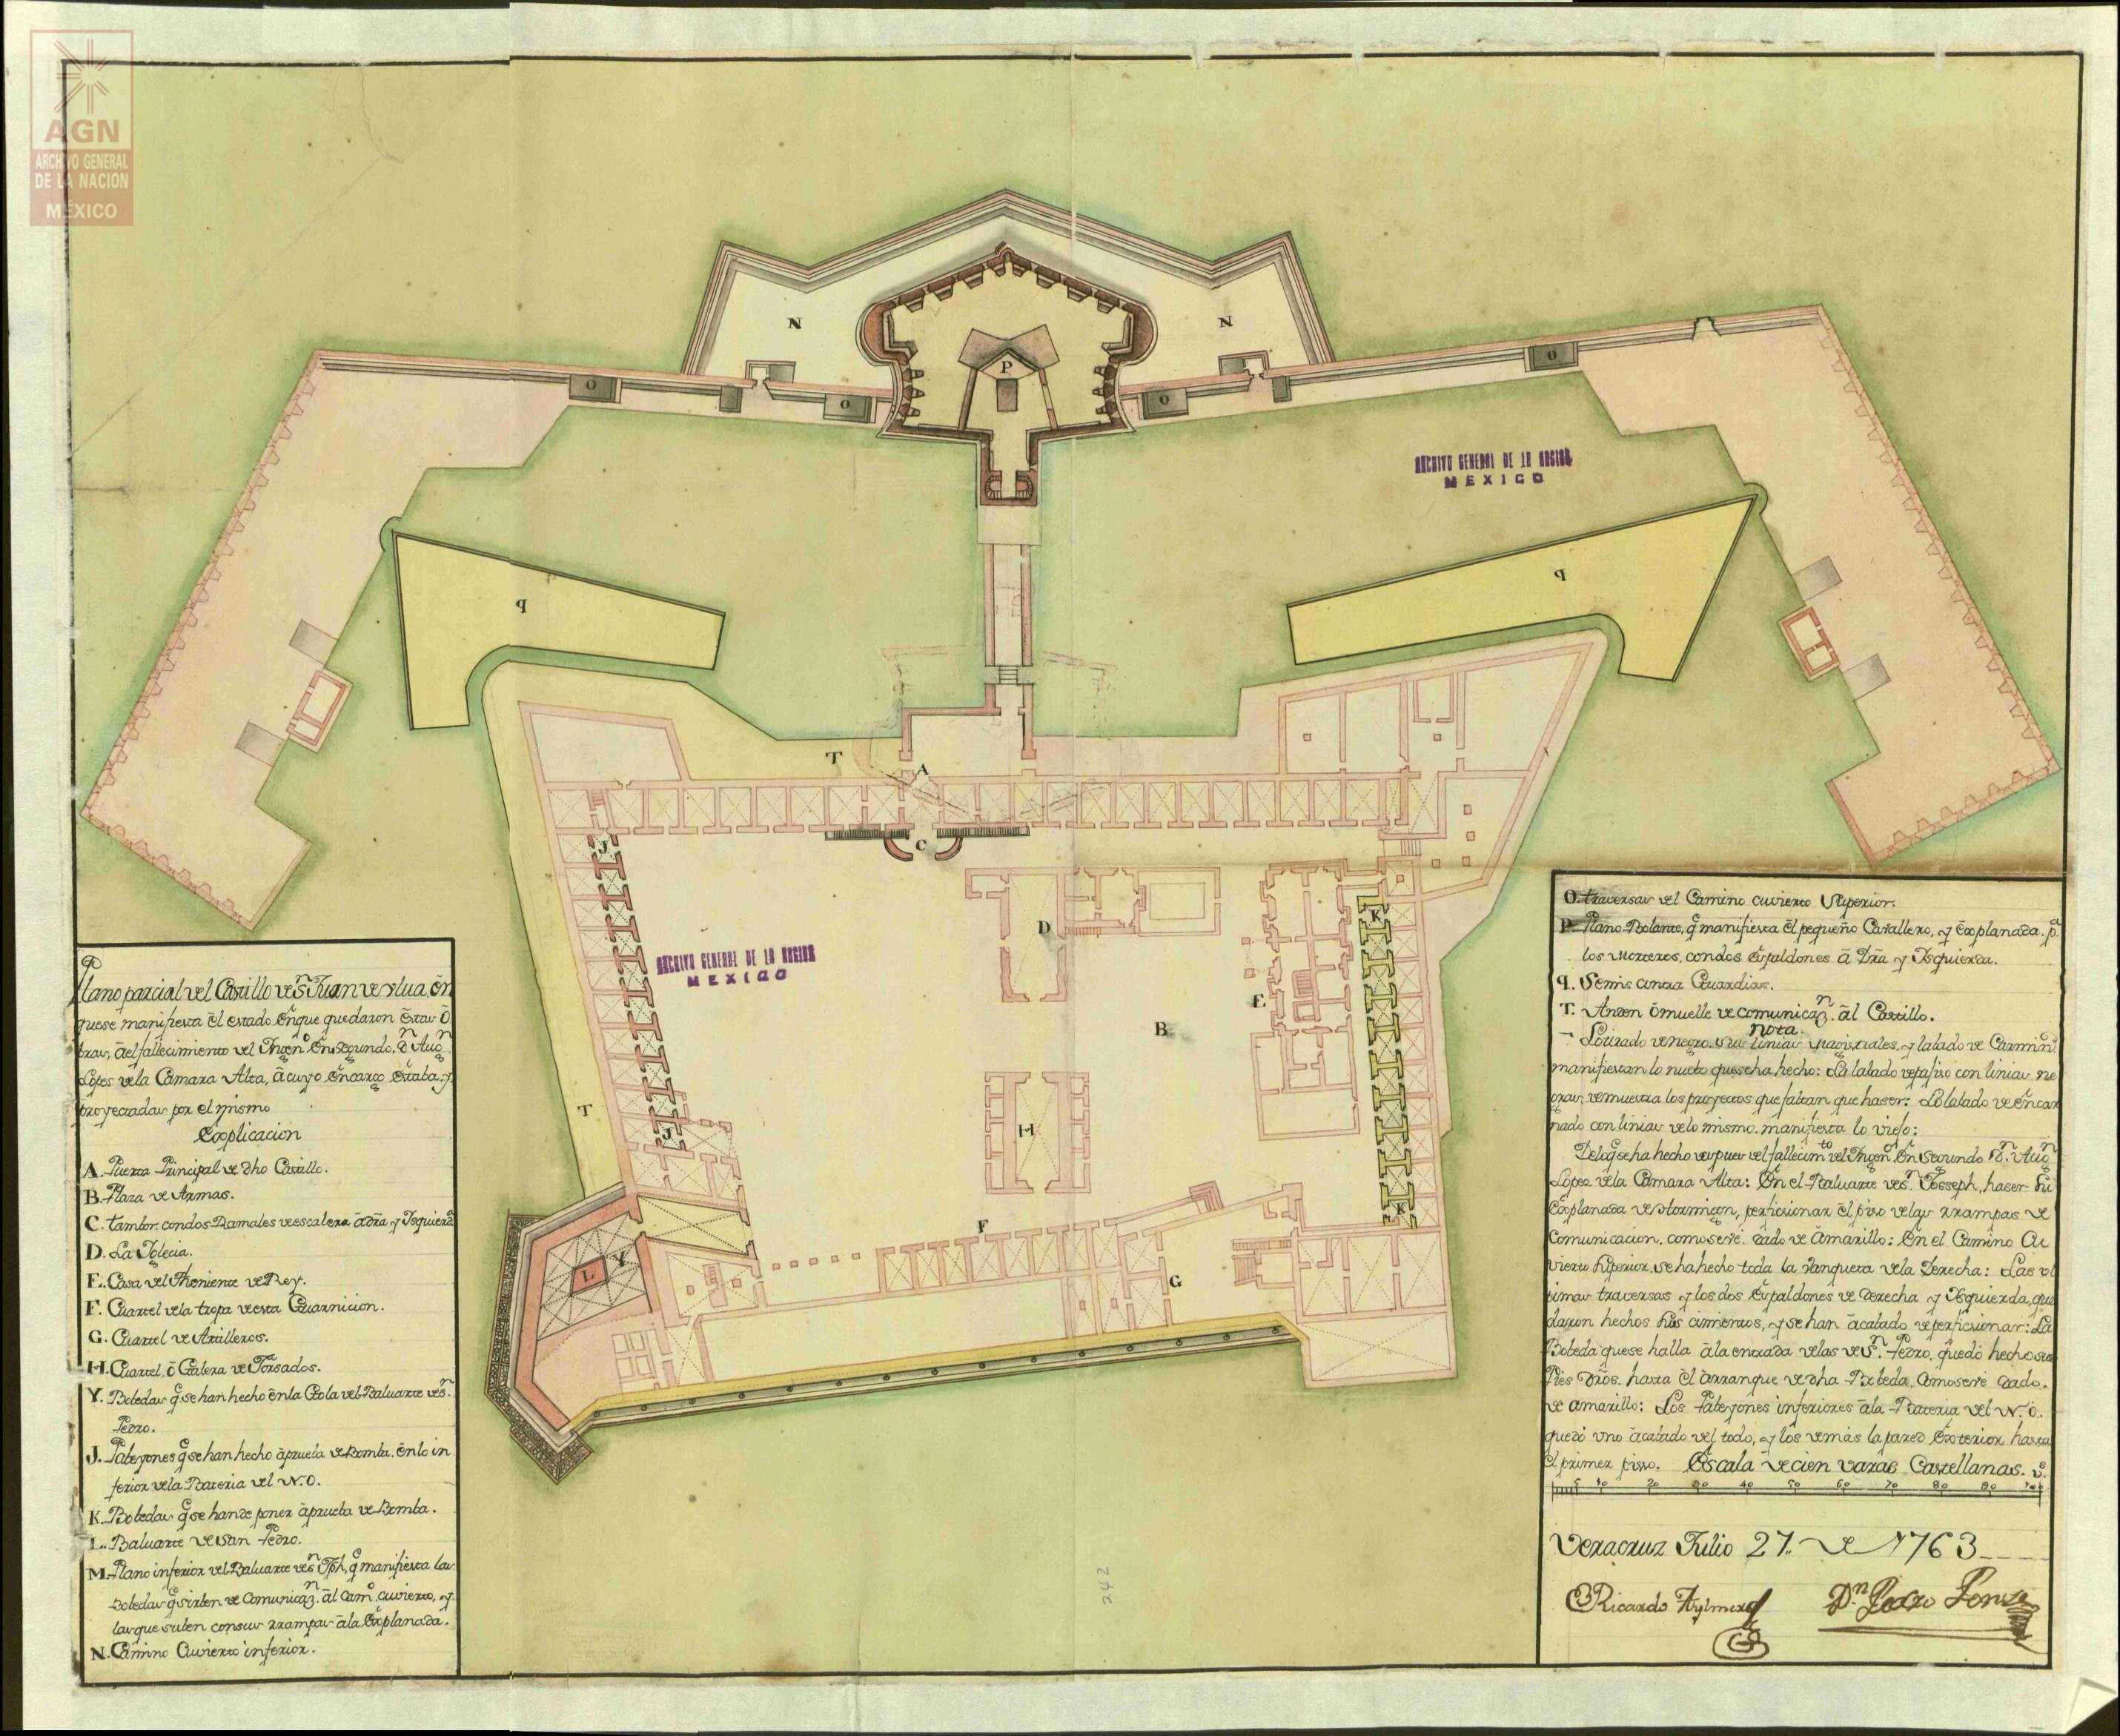 Después de un día intenso de combate la fortaleza de San Juan de Ulúa fue capturada por los franceses